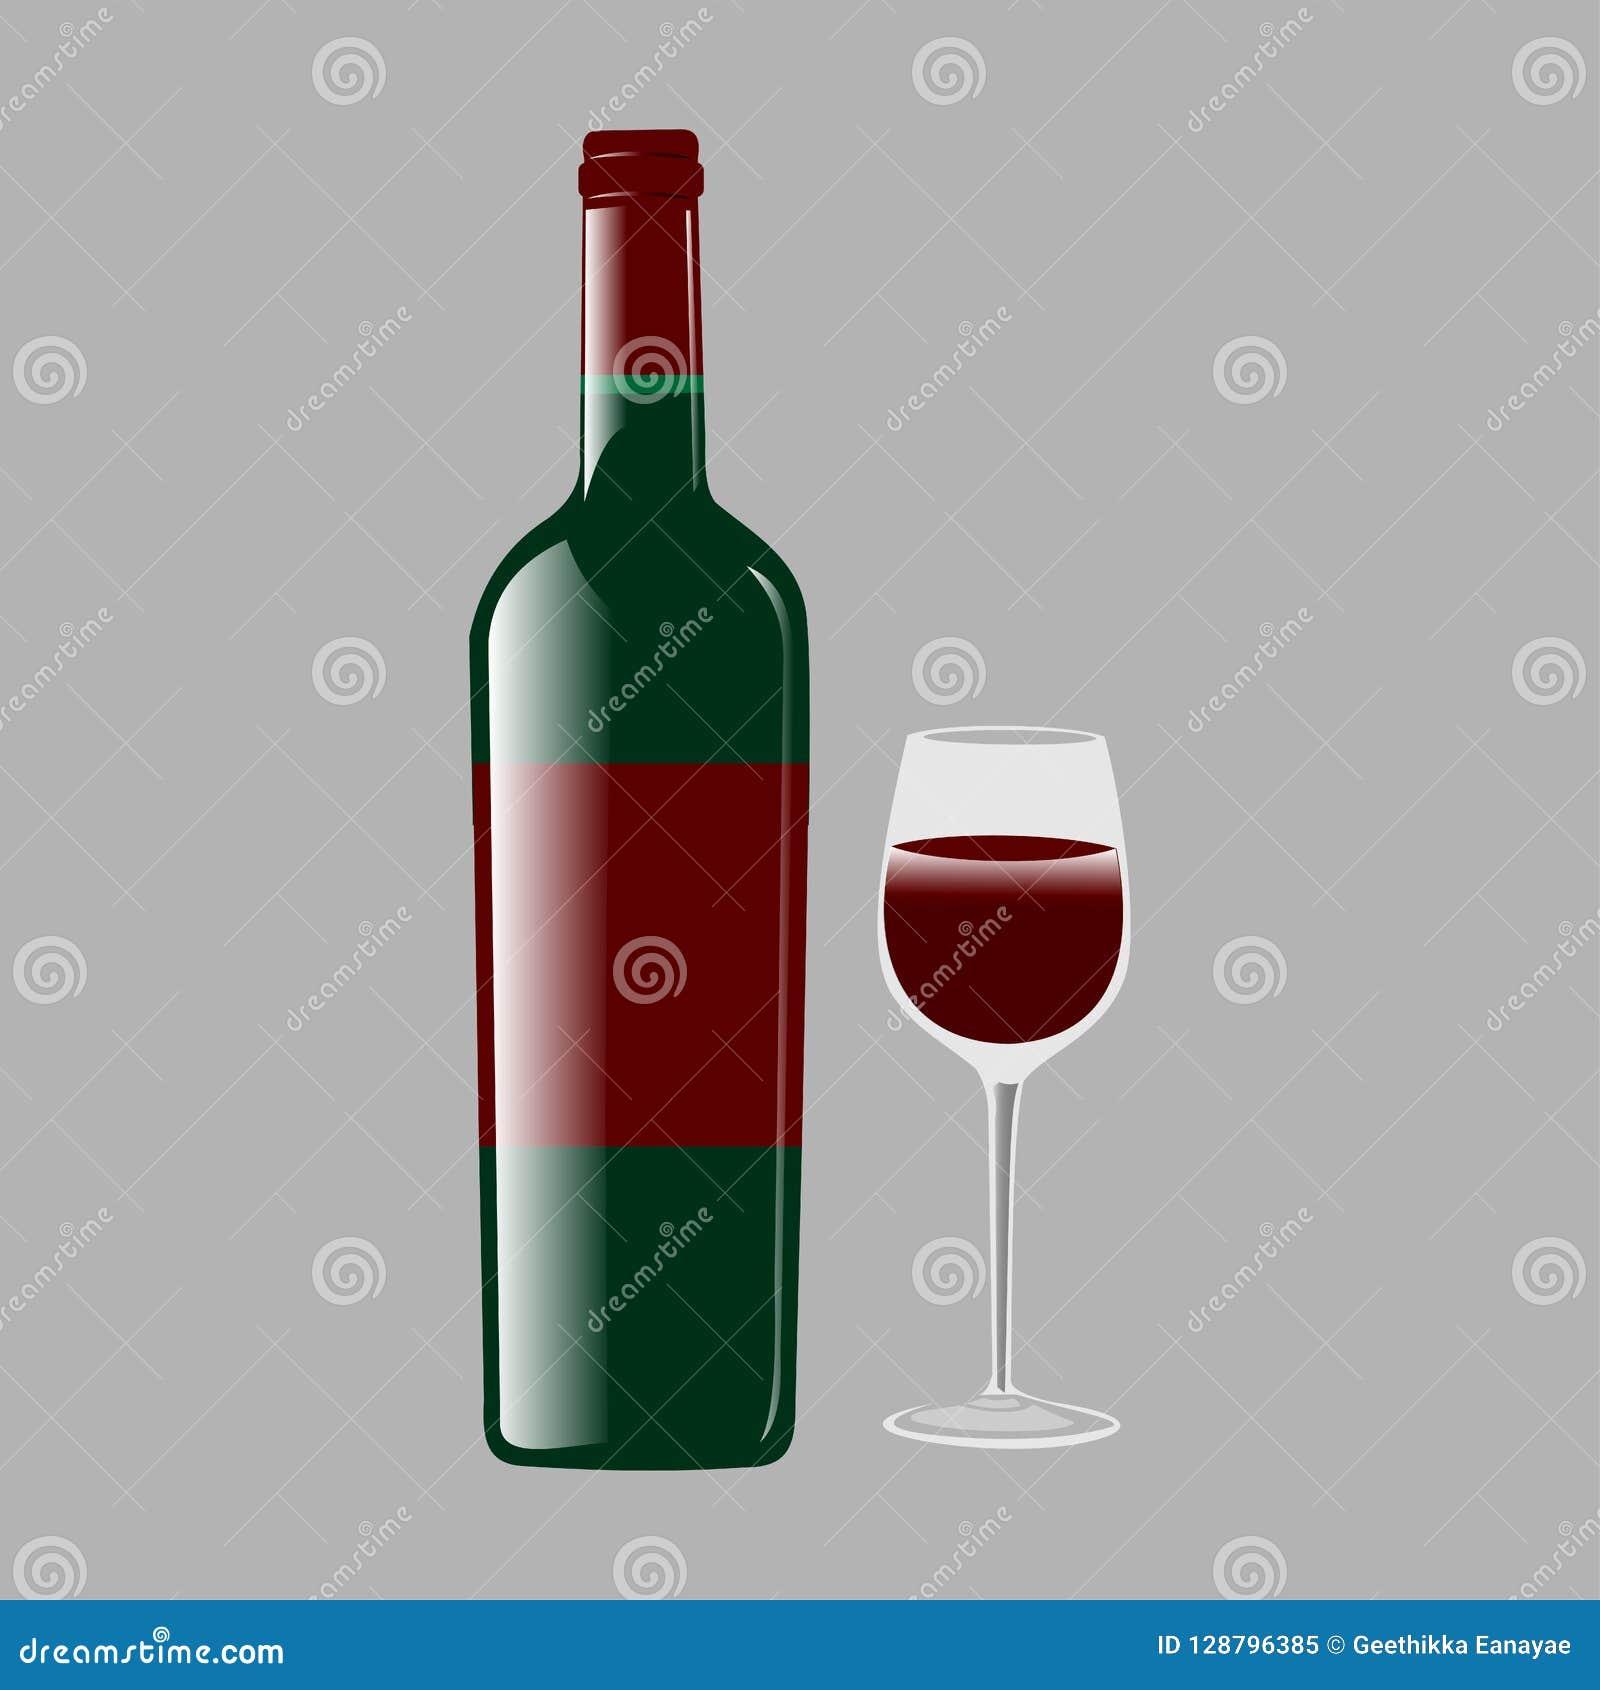 Μπουκάλι και γυαλί με το διανυσματικό σχέδιο κόκκινου κρασιού